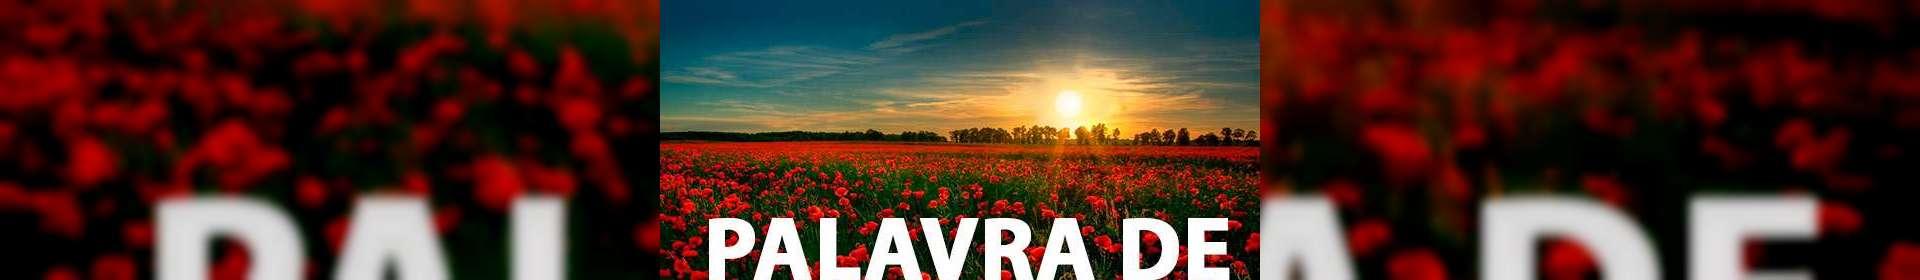 Salmos 139:14-18 - Uma Palavra de Esperança para sua vida